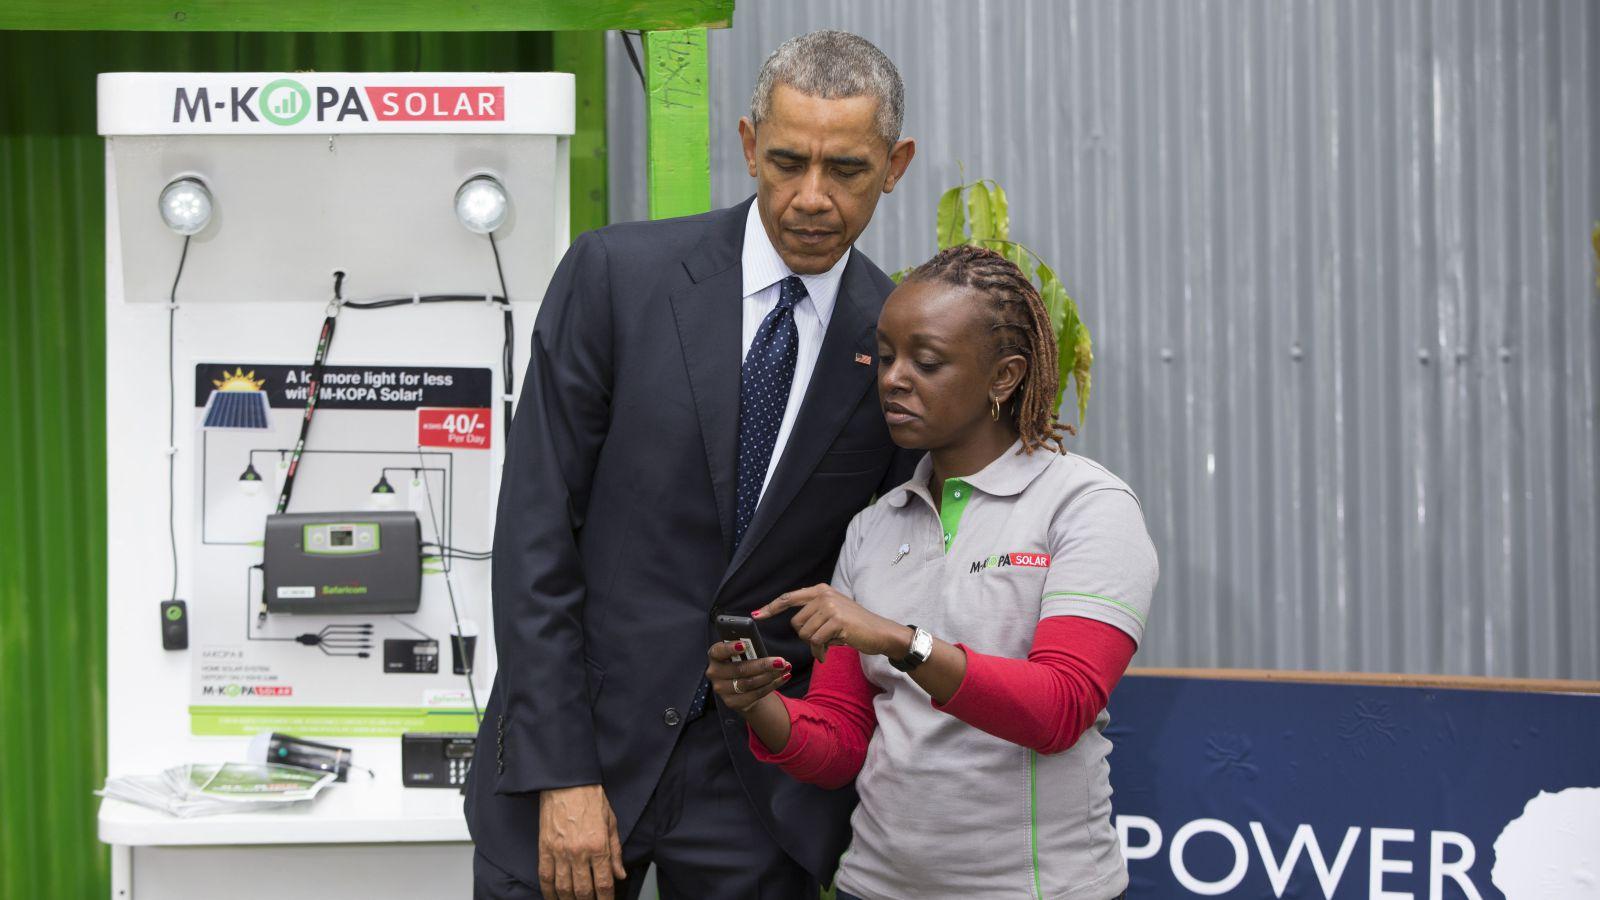 Les startups technologiques africaines commencent à attirer l'attention